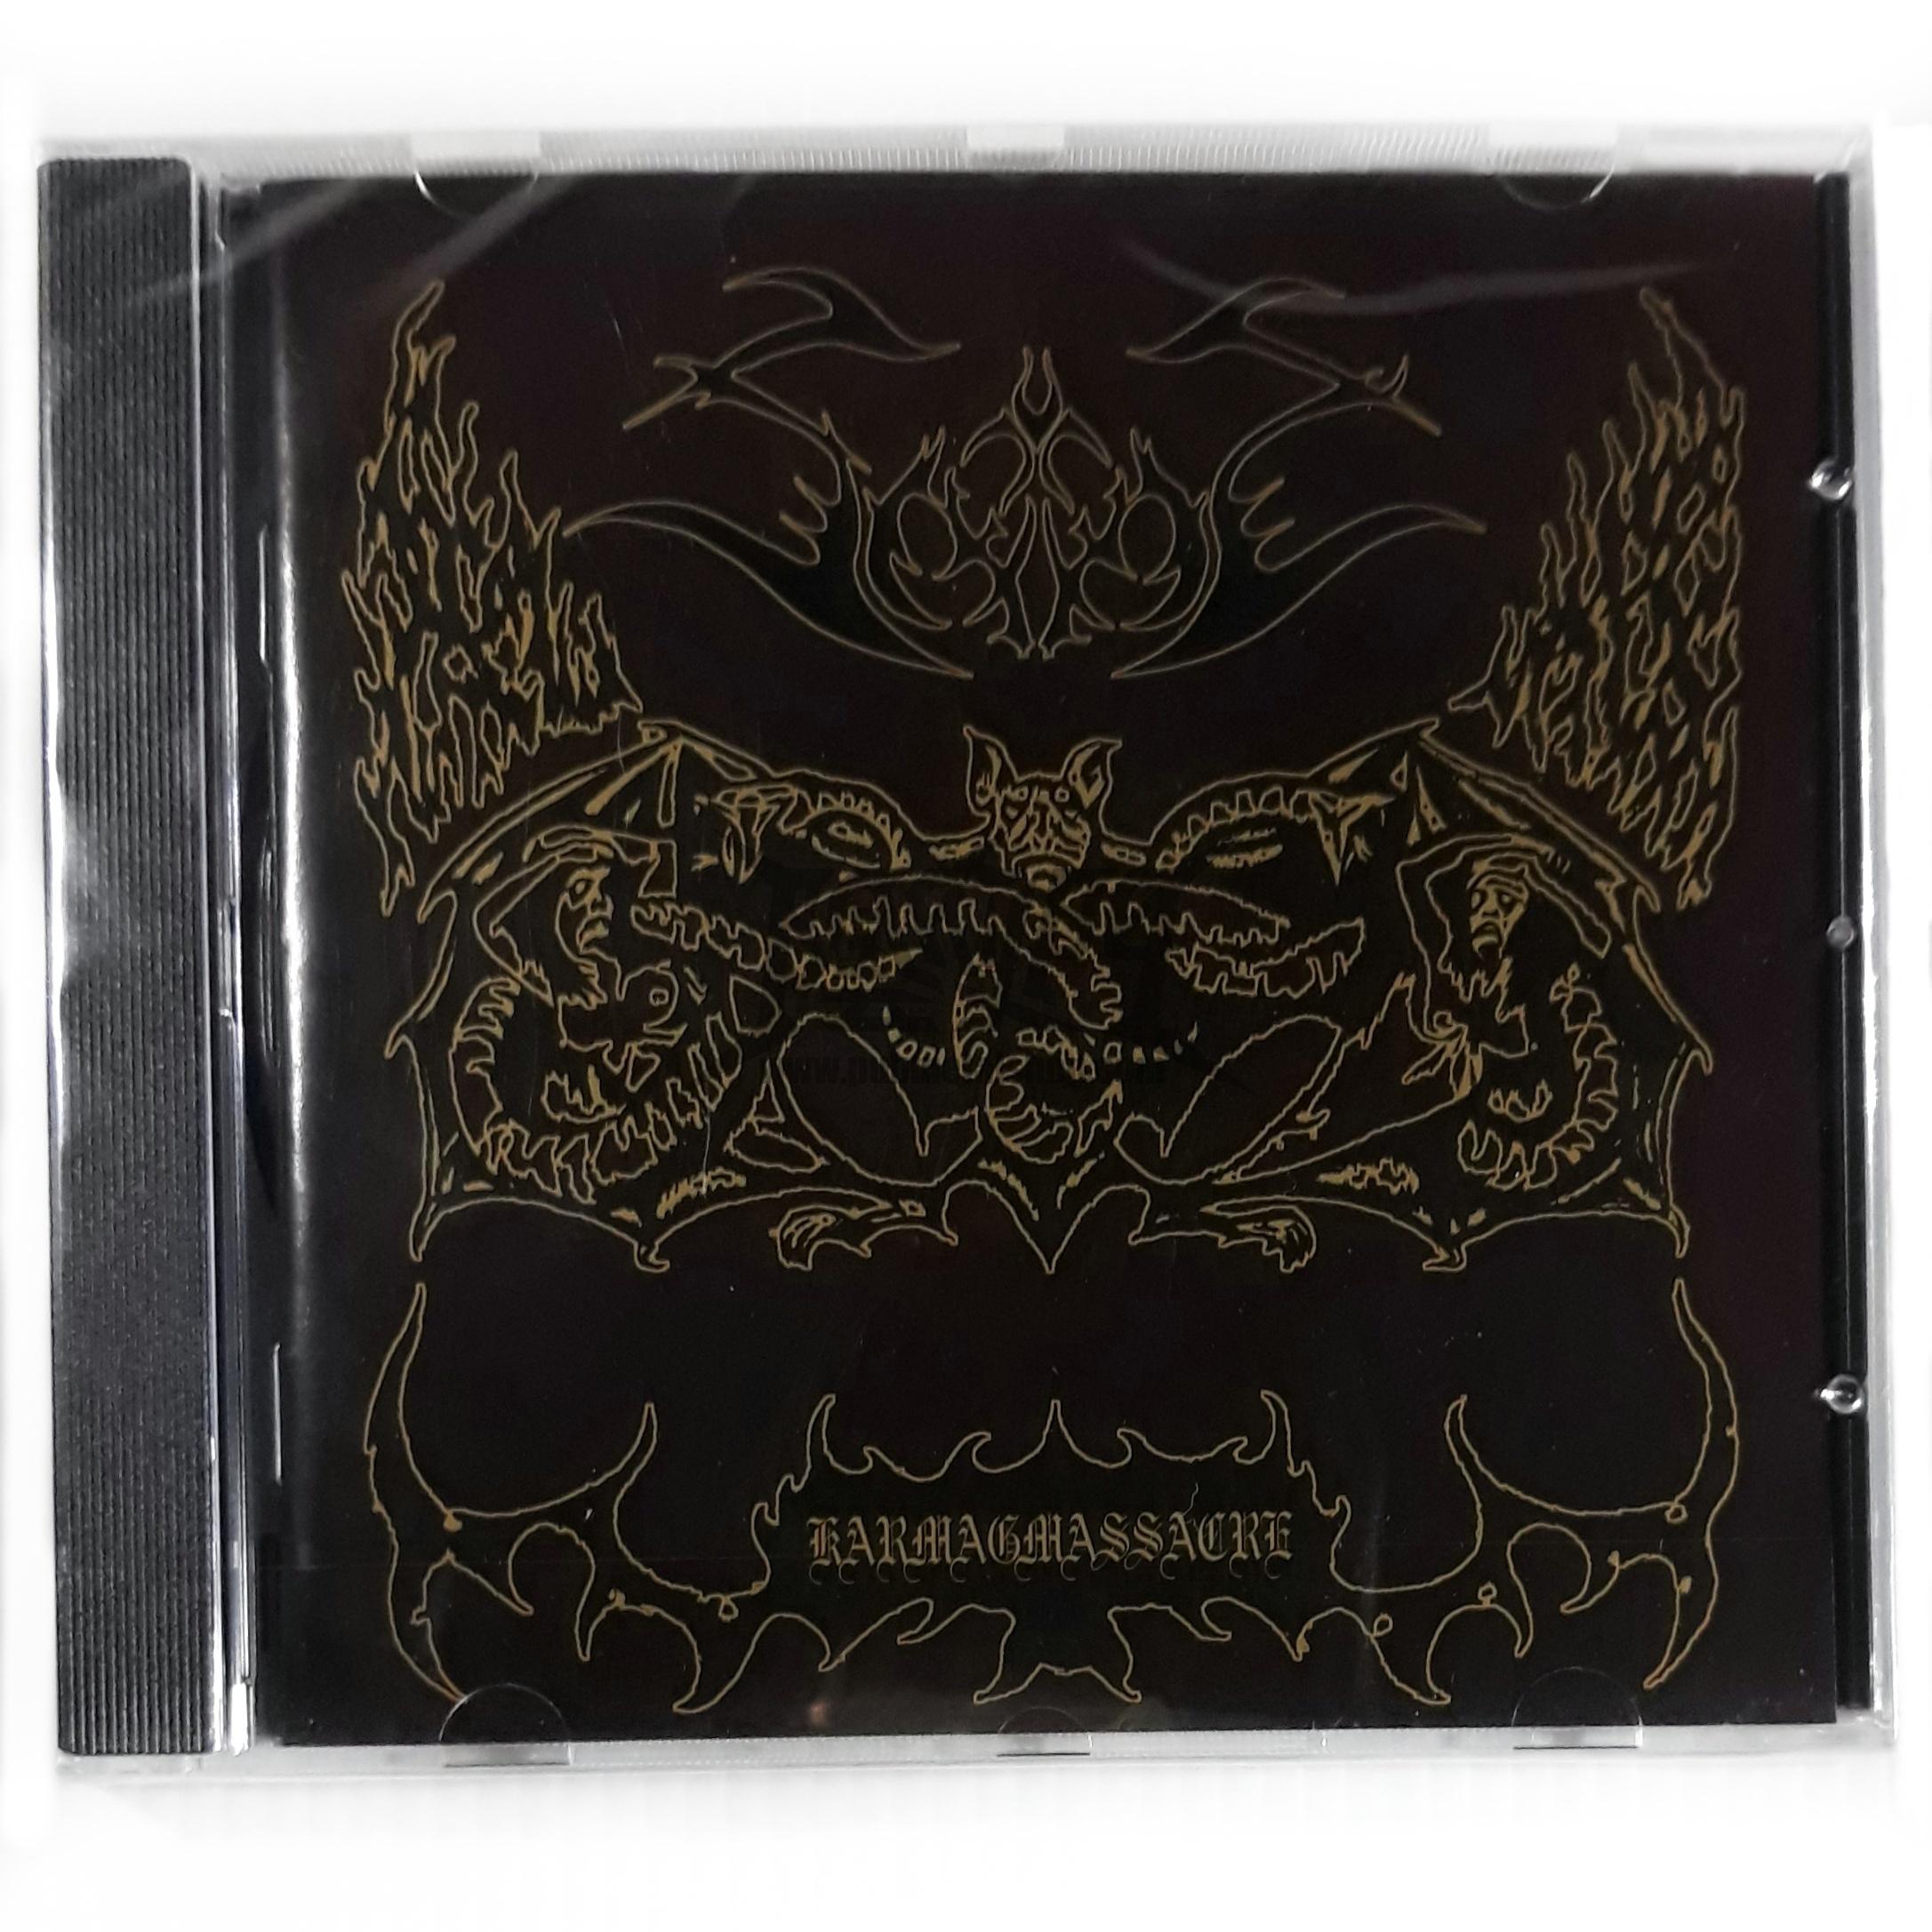 SABBAT-KARMAGMASSACRE CD.jpeg.jpg